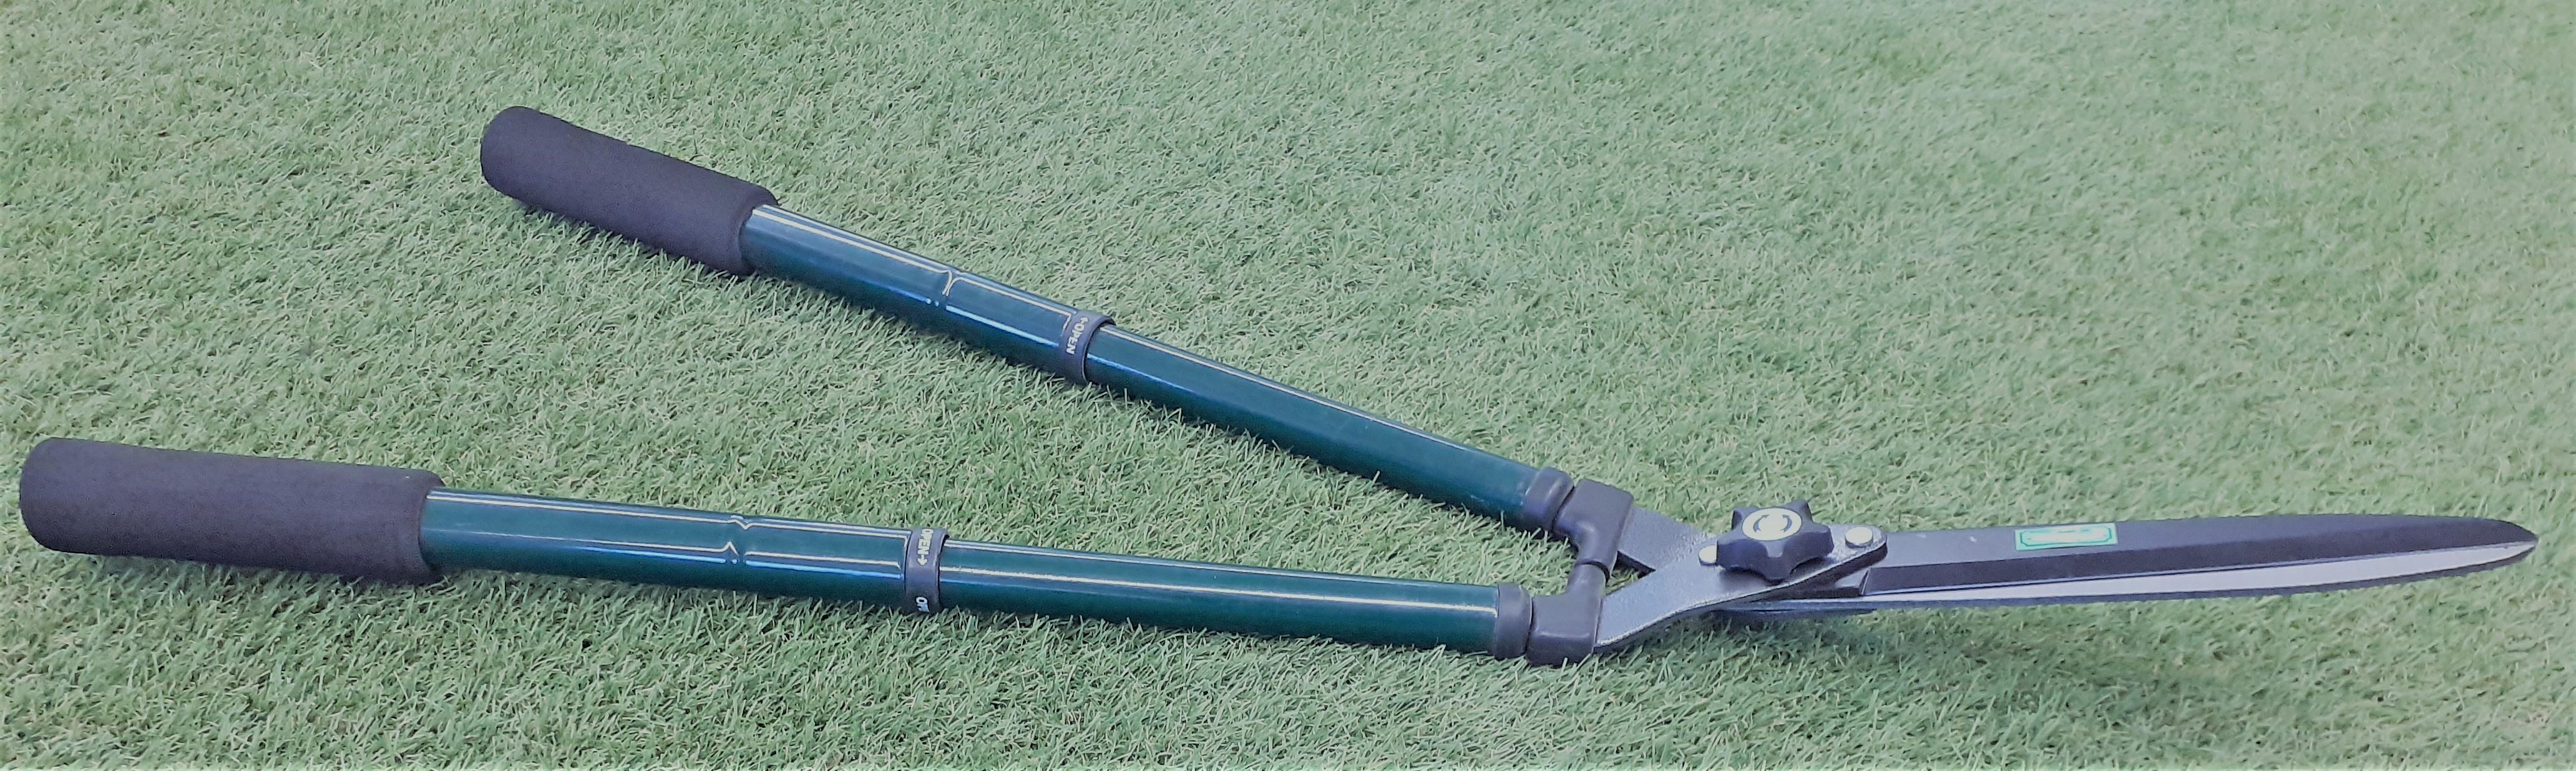 Pensassakset, suora terä, pituus 66/83 cm,vihreä,irto